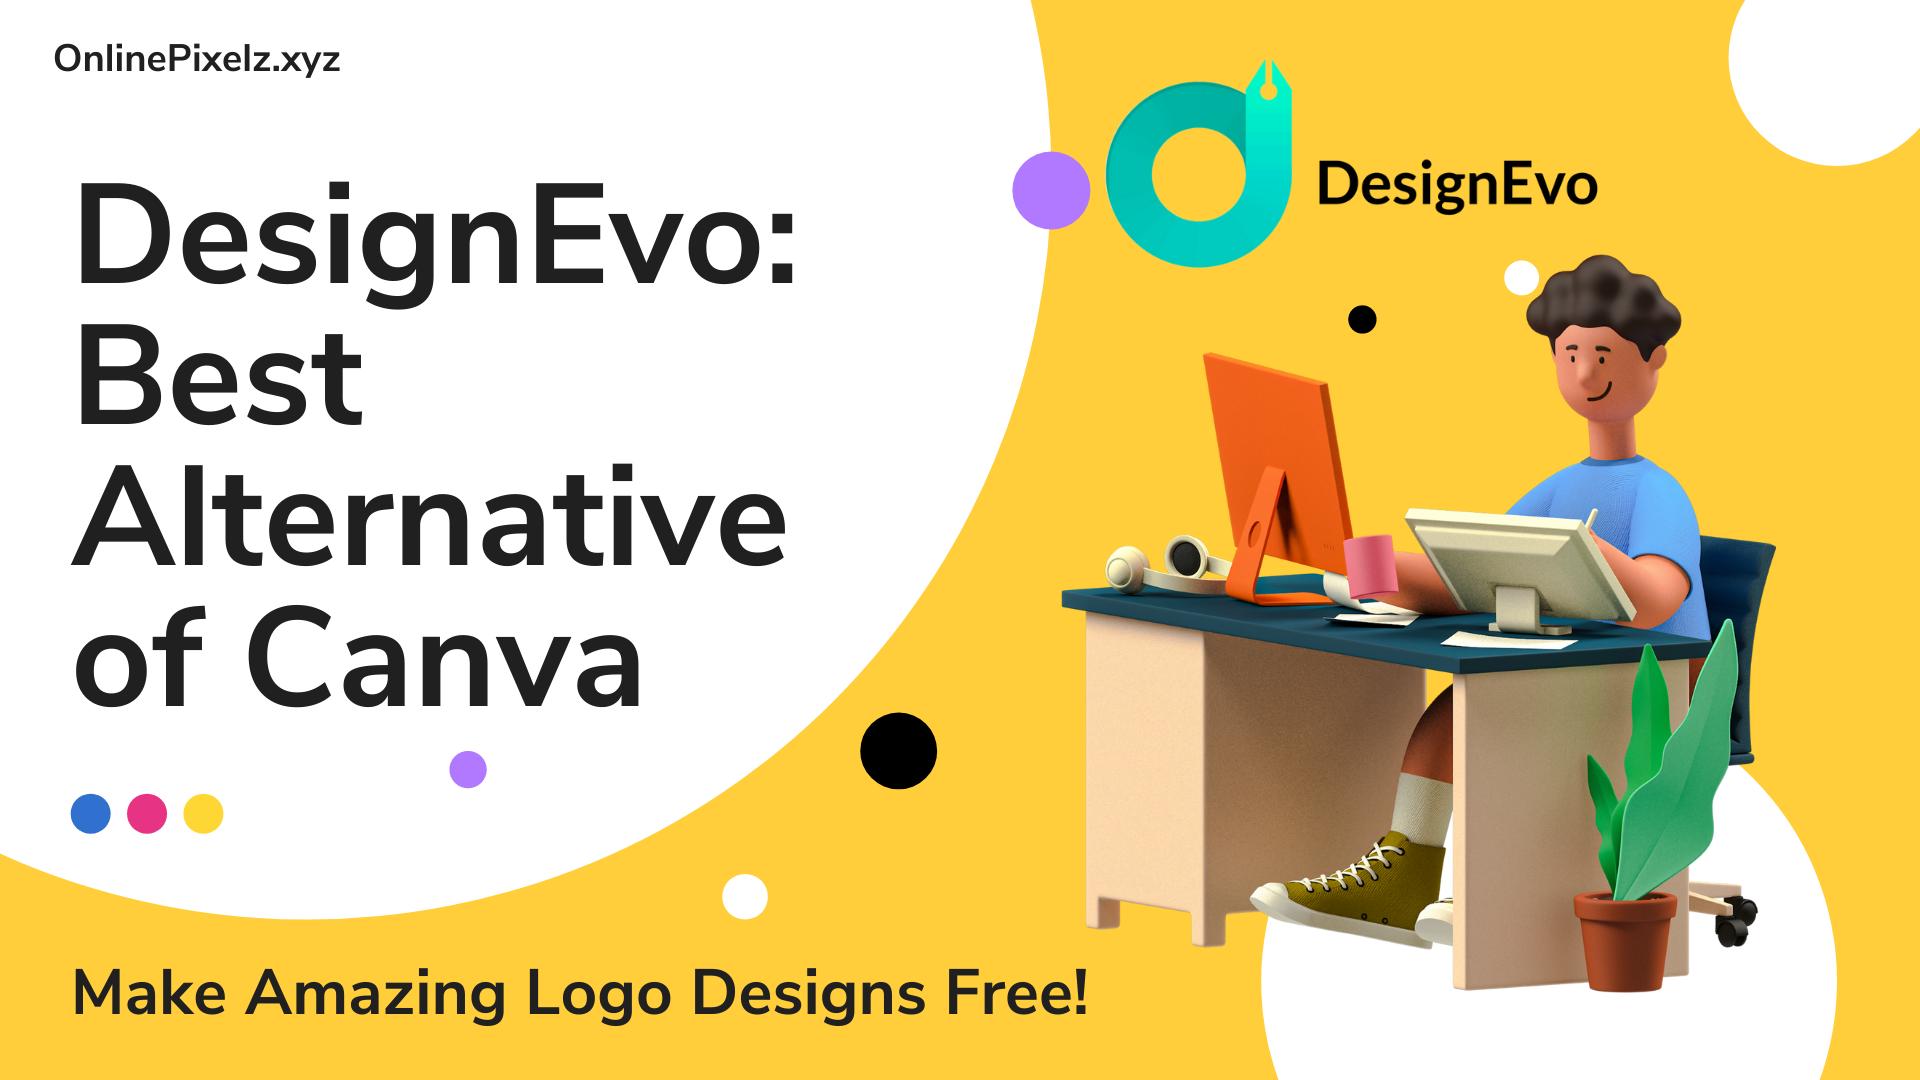 DesignEvo: Best Alternative of Canva